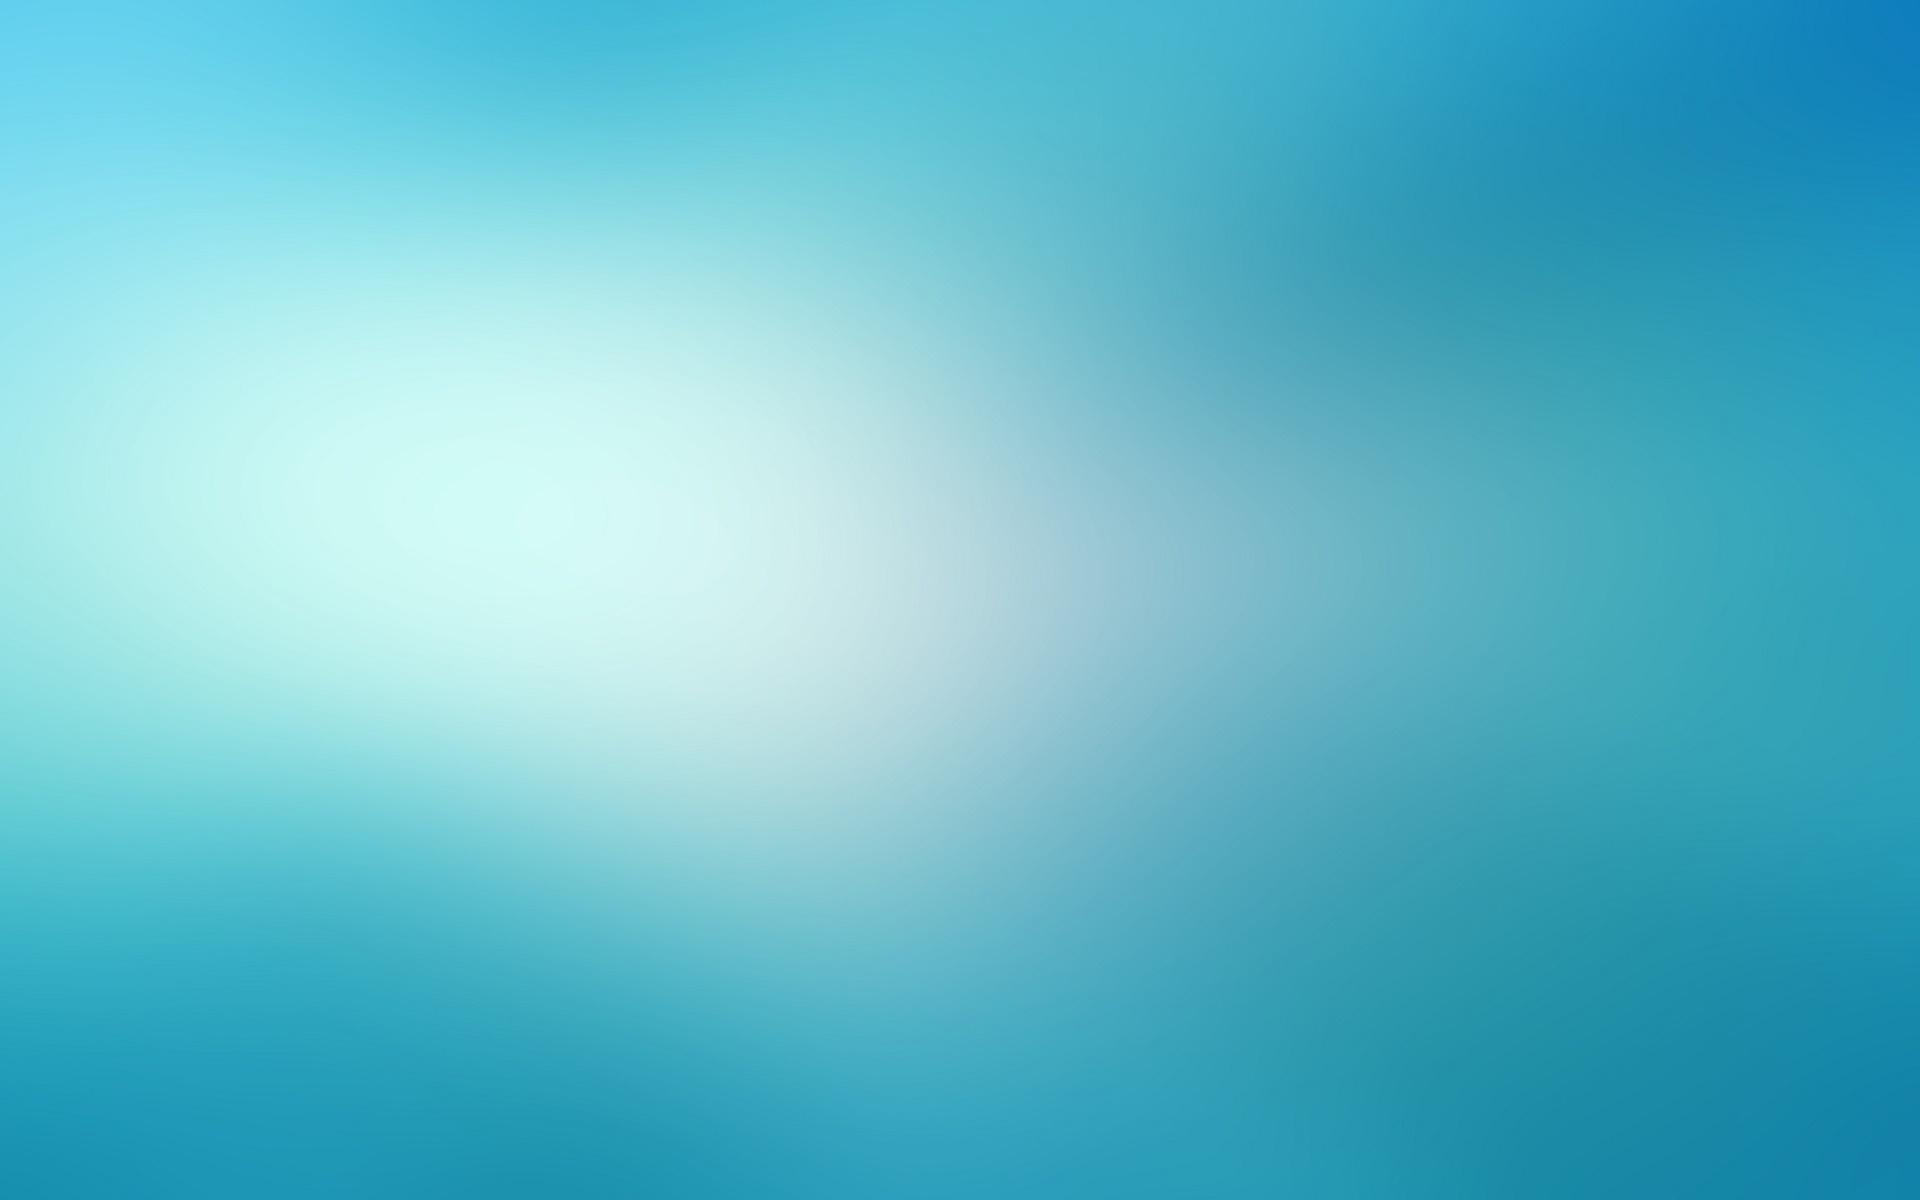 Azul Fondo De Pantalla Hd Fondo De Escritorio 2880x1800 Id